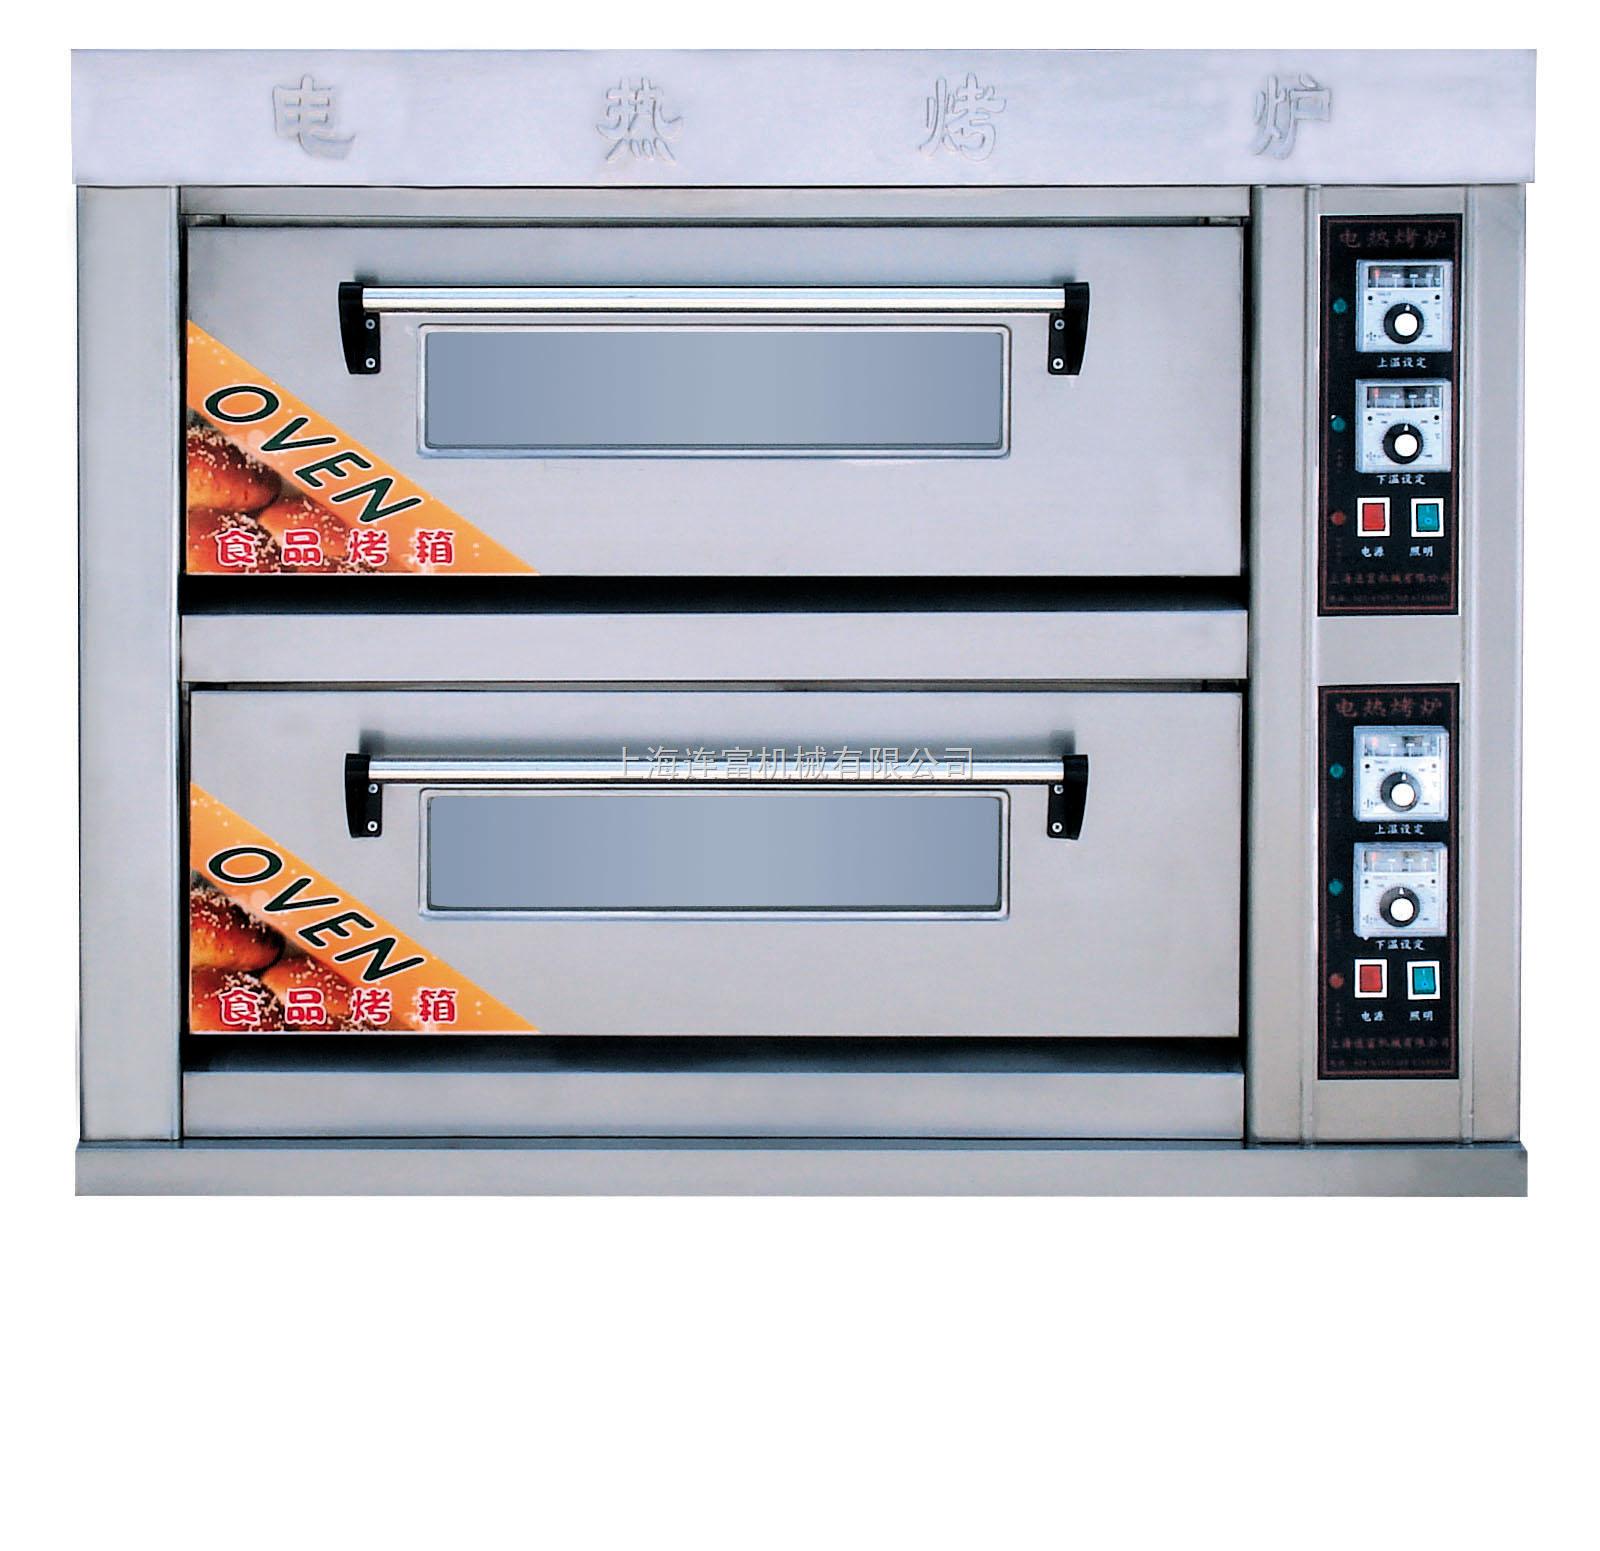 ykl-24-二层四盘燃气烤箱丨燃气烤箱丨烤面包机丨